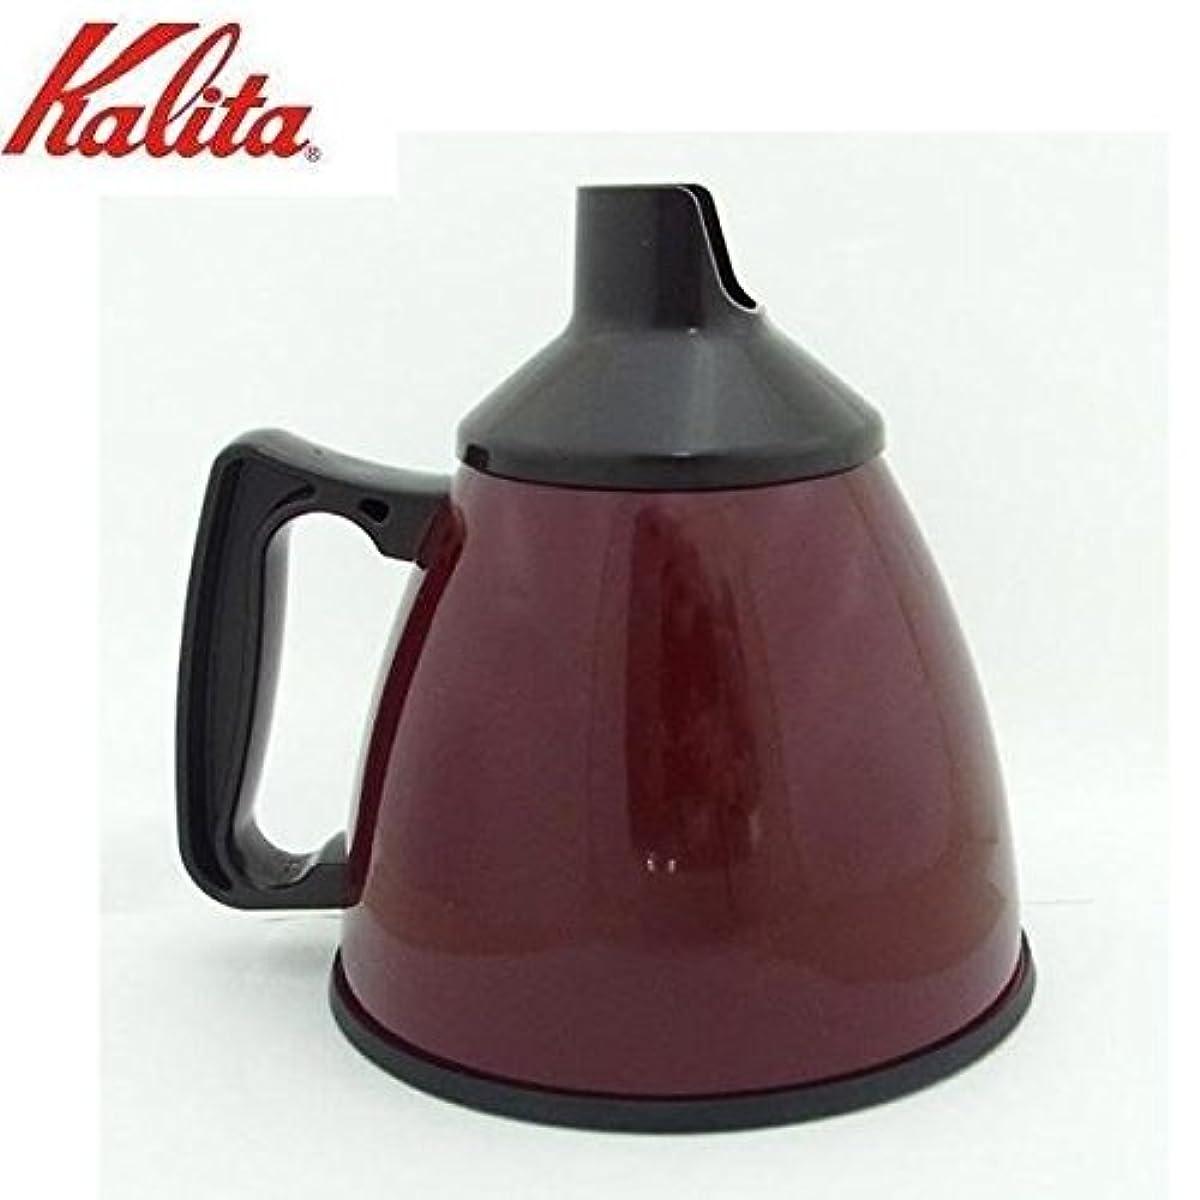 Kalita(칼리타) 업무용 전동 커피 밀 하이 컷 밀 세로 형# 관조립 81188-